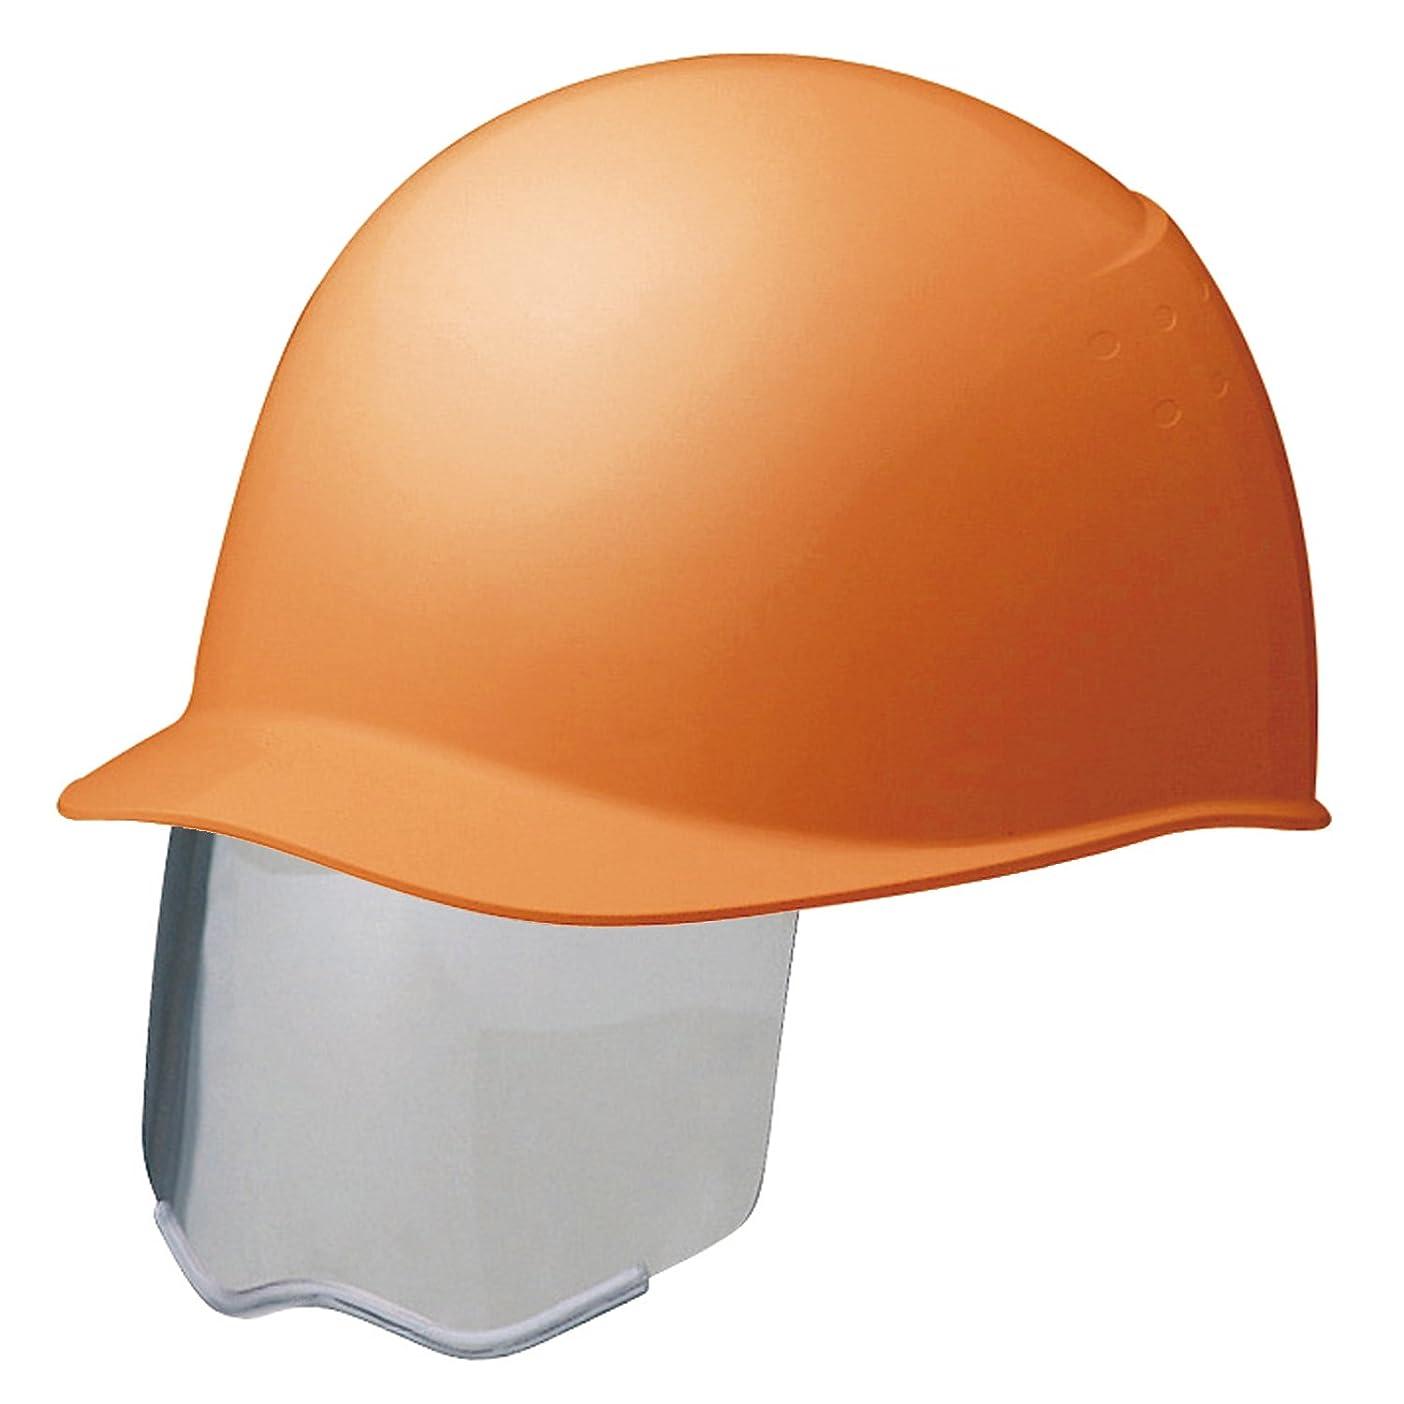 節約ヘルメット救いミドリ安全 スライダー面付 ヘルメット 電気作業用 SC9BS RA KP付 オレンジ